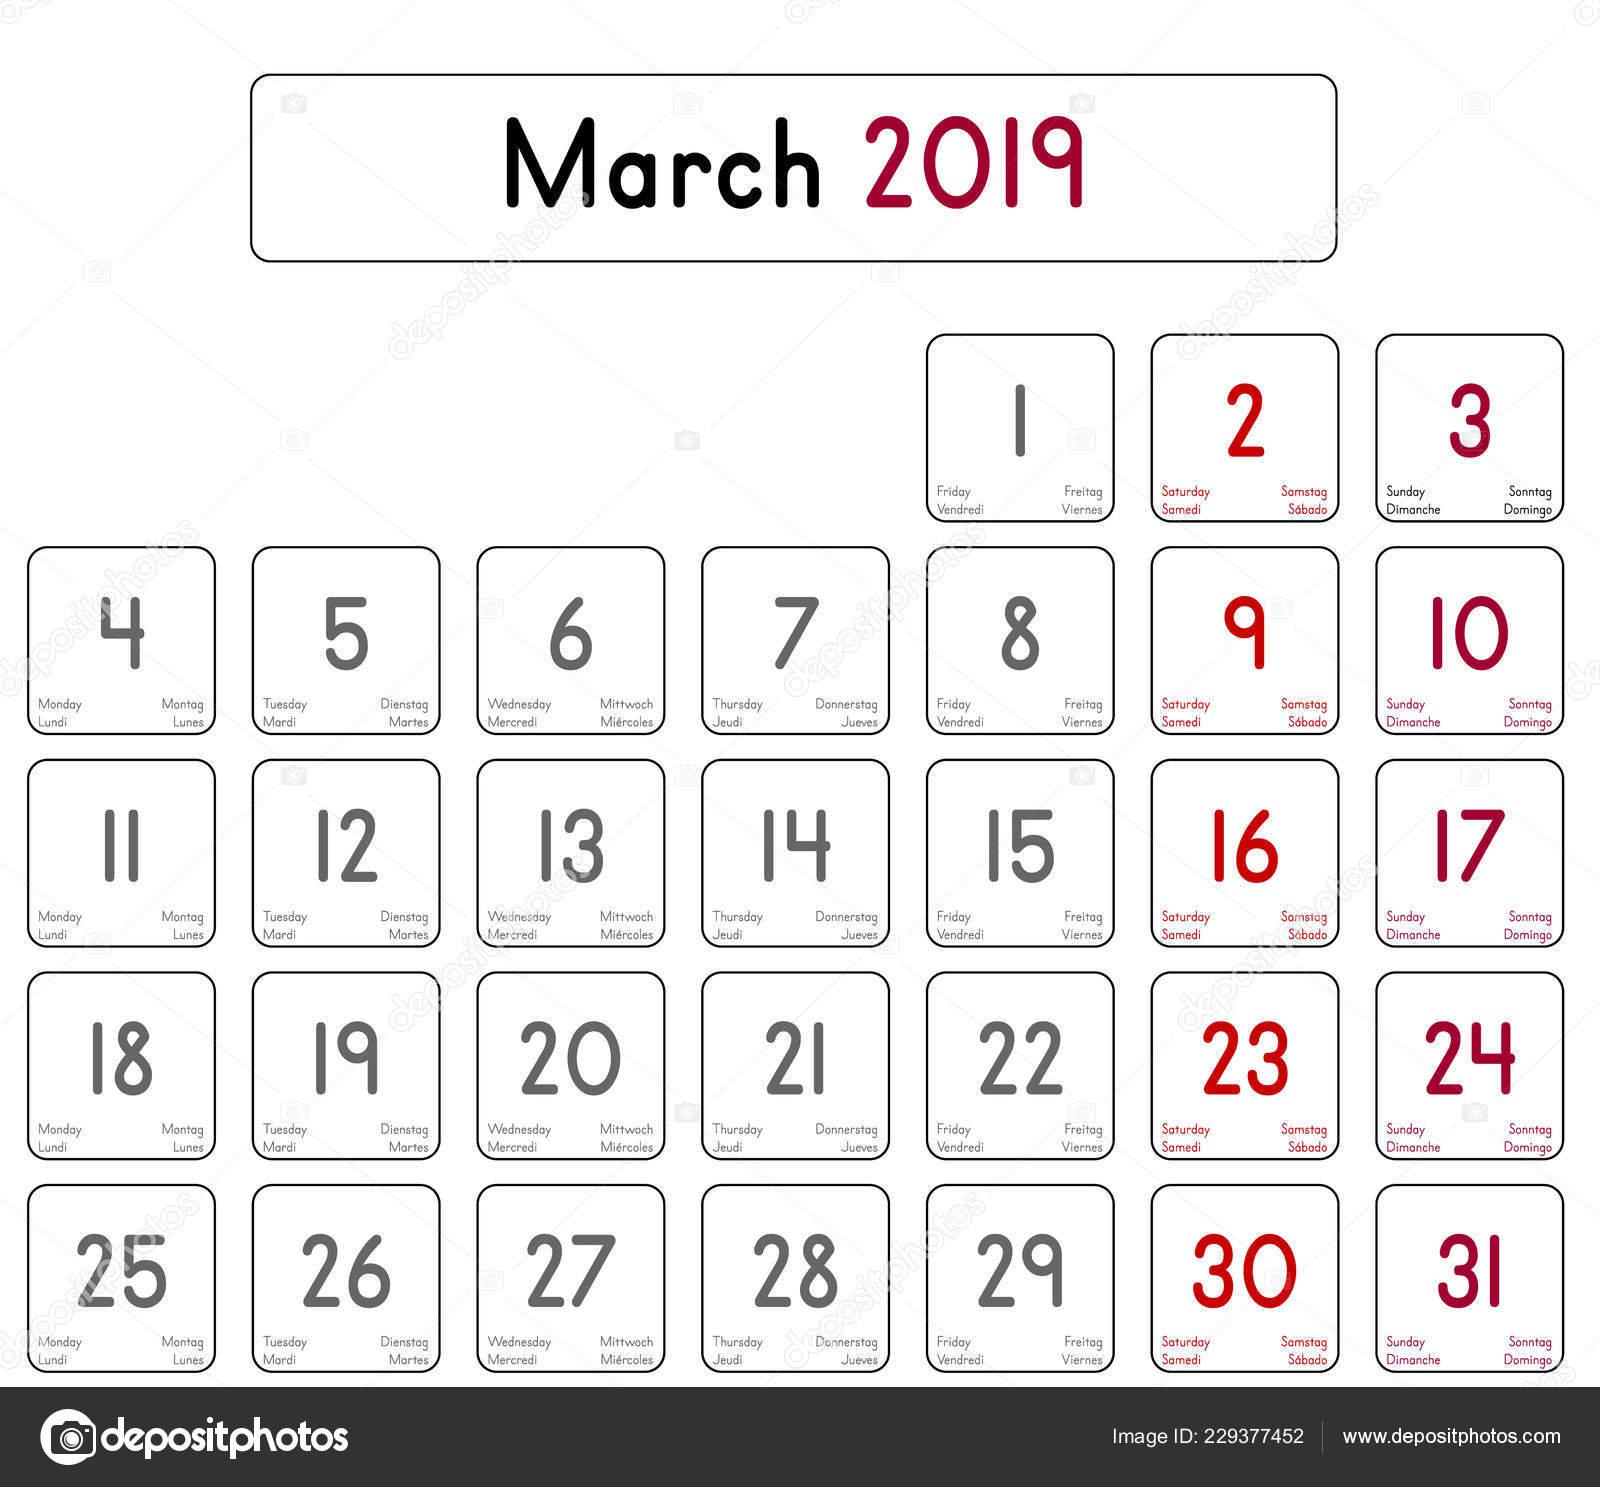 Detaille Jour Calendrier Mois Mars 2019 Image Vectorielle